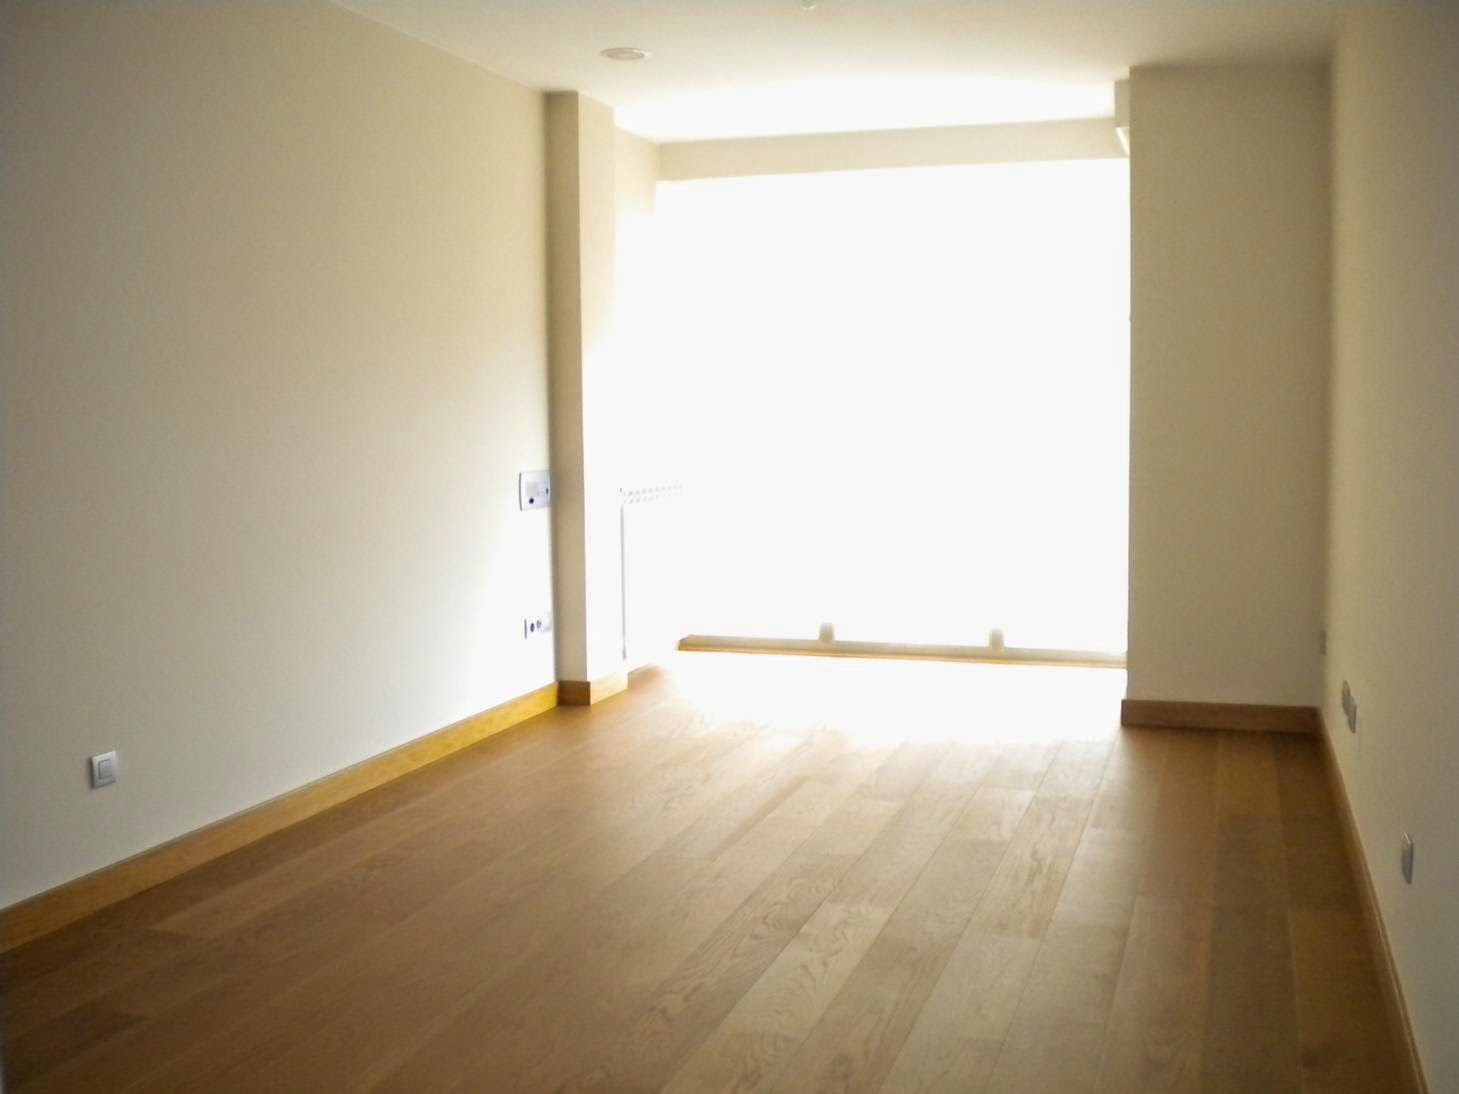 Viviendas coru a viviendas coru a pisos y ticos en for Pisos para alquilar en coruna